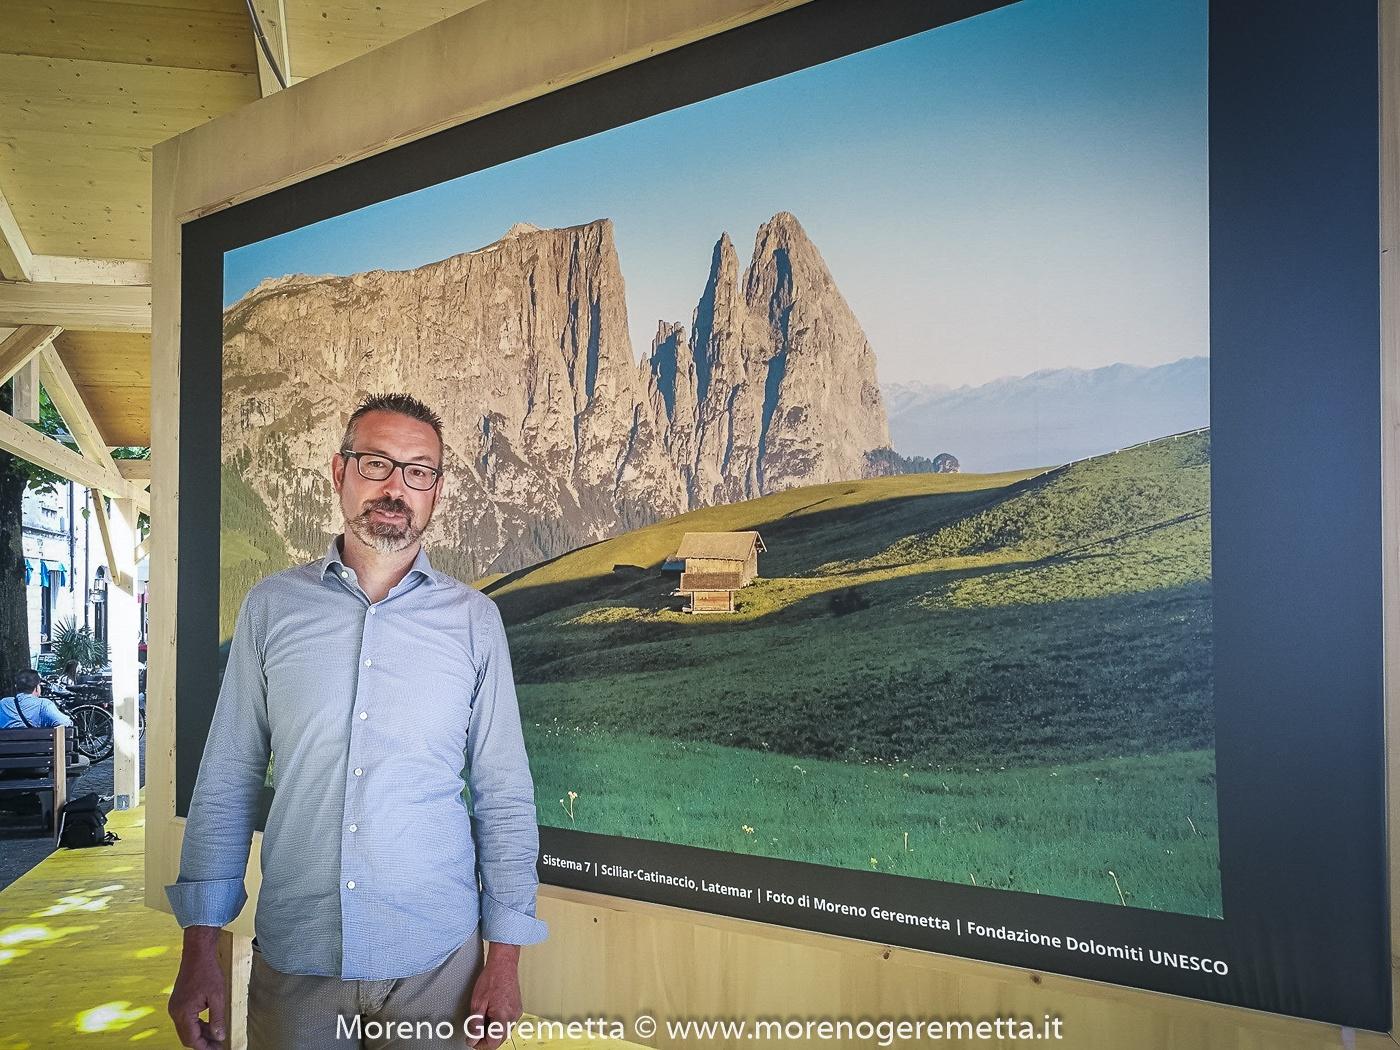 Moreno Geremetta Fotografo